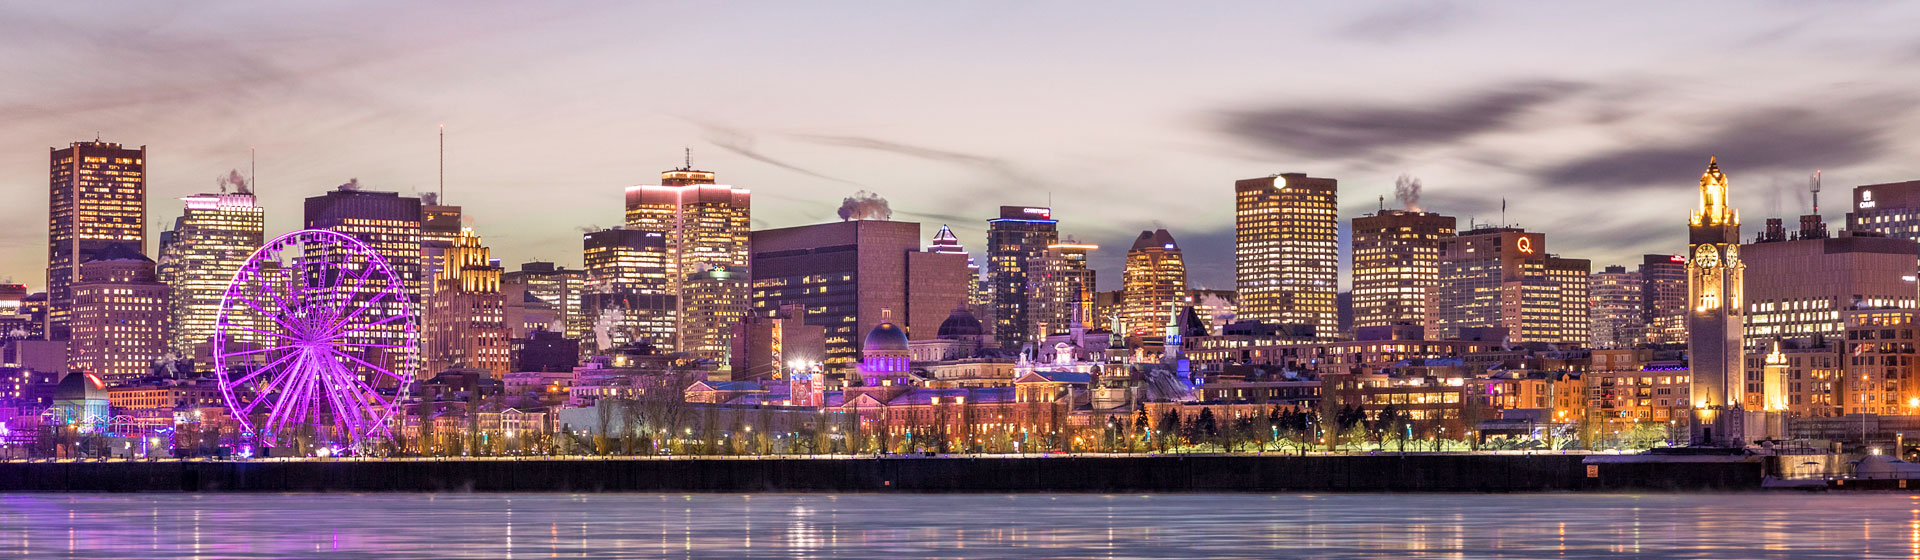 Skyline Montreal i Kanada.